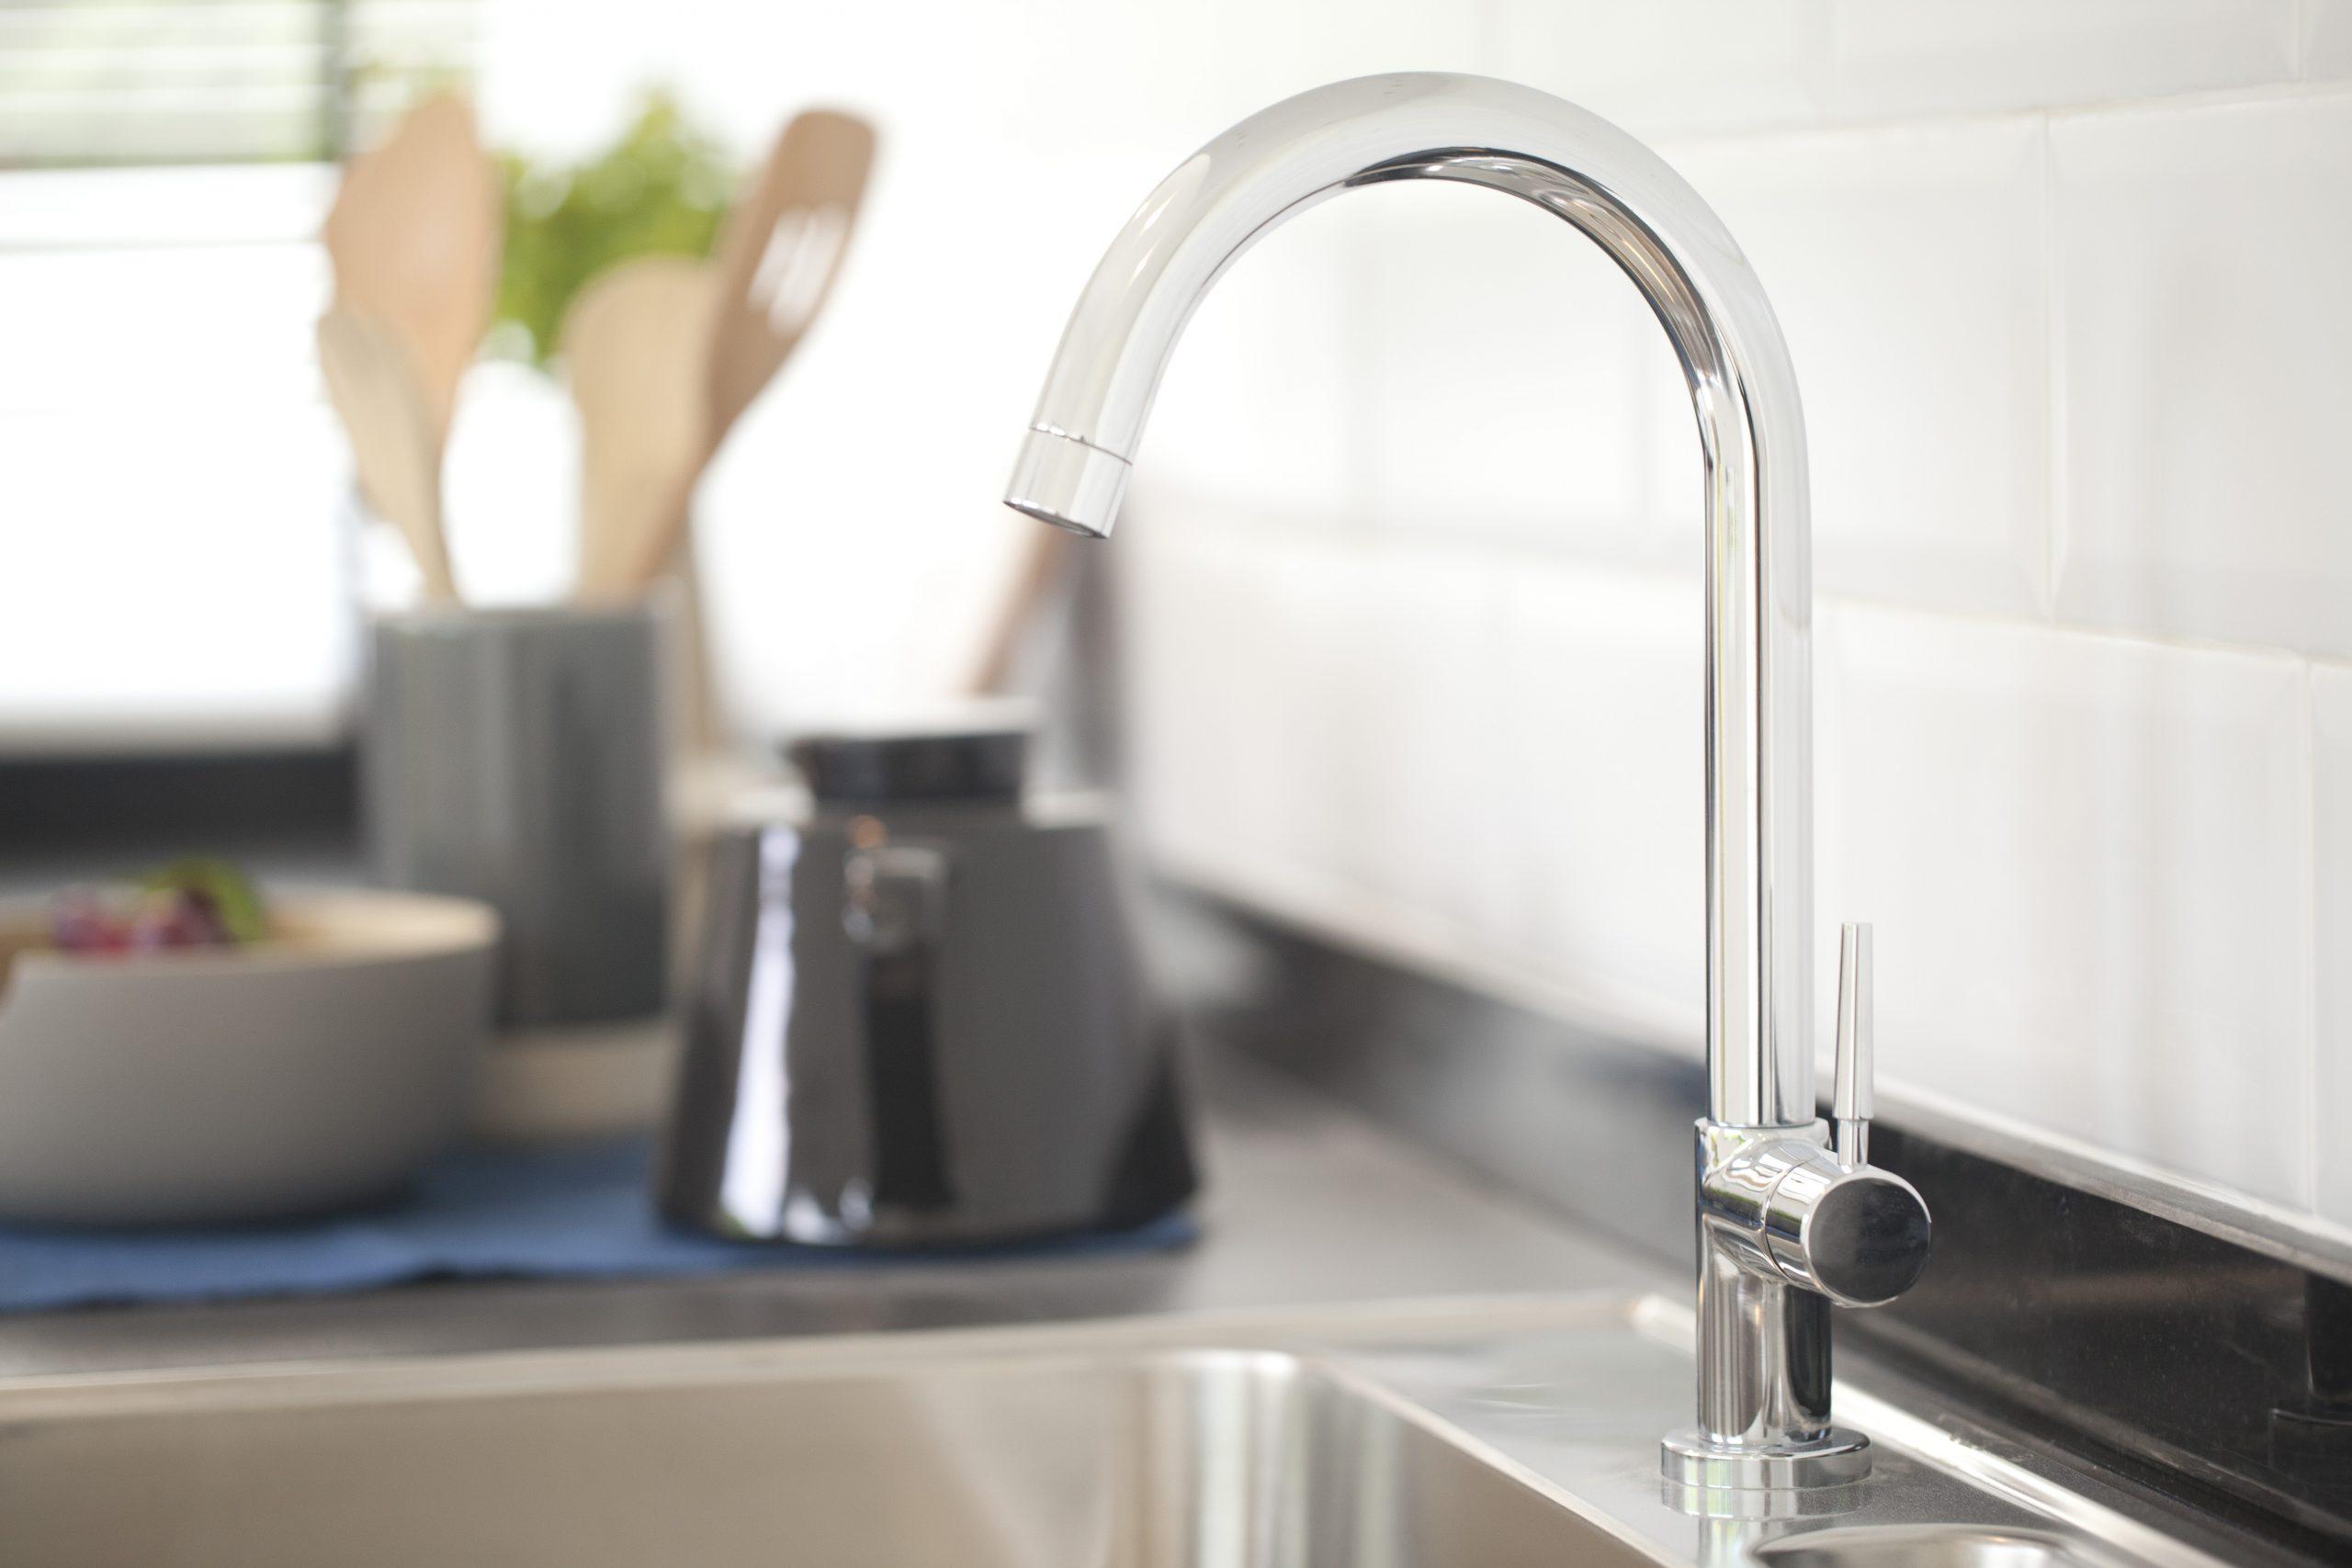 Full Size of Ausziehbarer Wasserhahn Tropft Undicht Fr Kche Test Empfehlungen 05 20 Für Küche Bad Esstisch Wandanschluss Wohnzimmer Ausziehbarer Wasserhahn Undicht